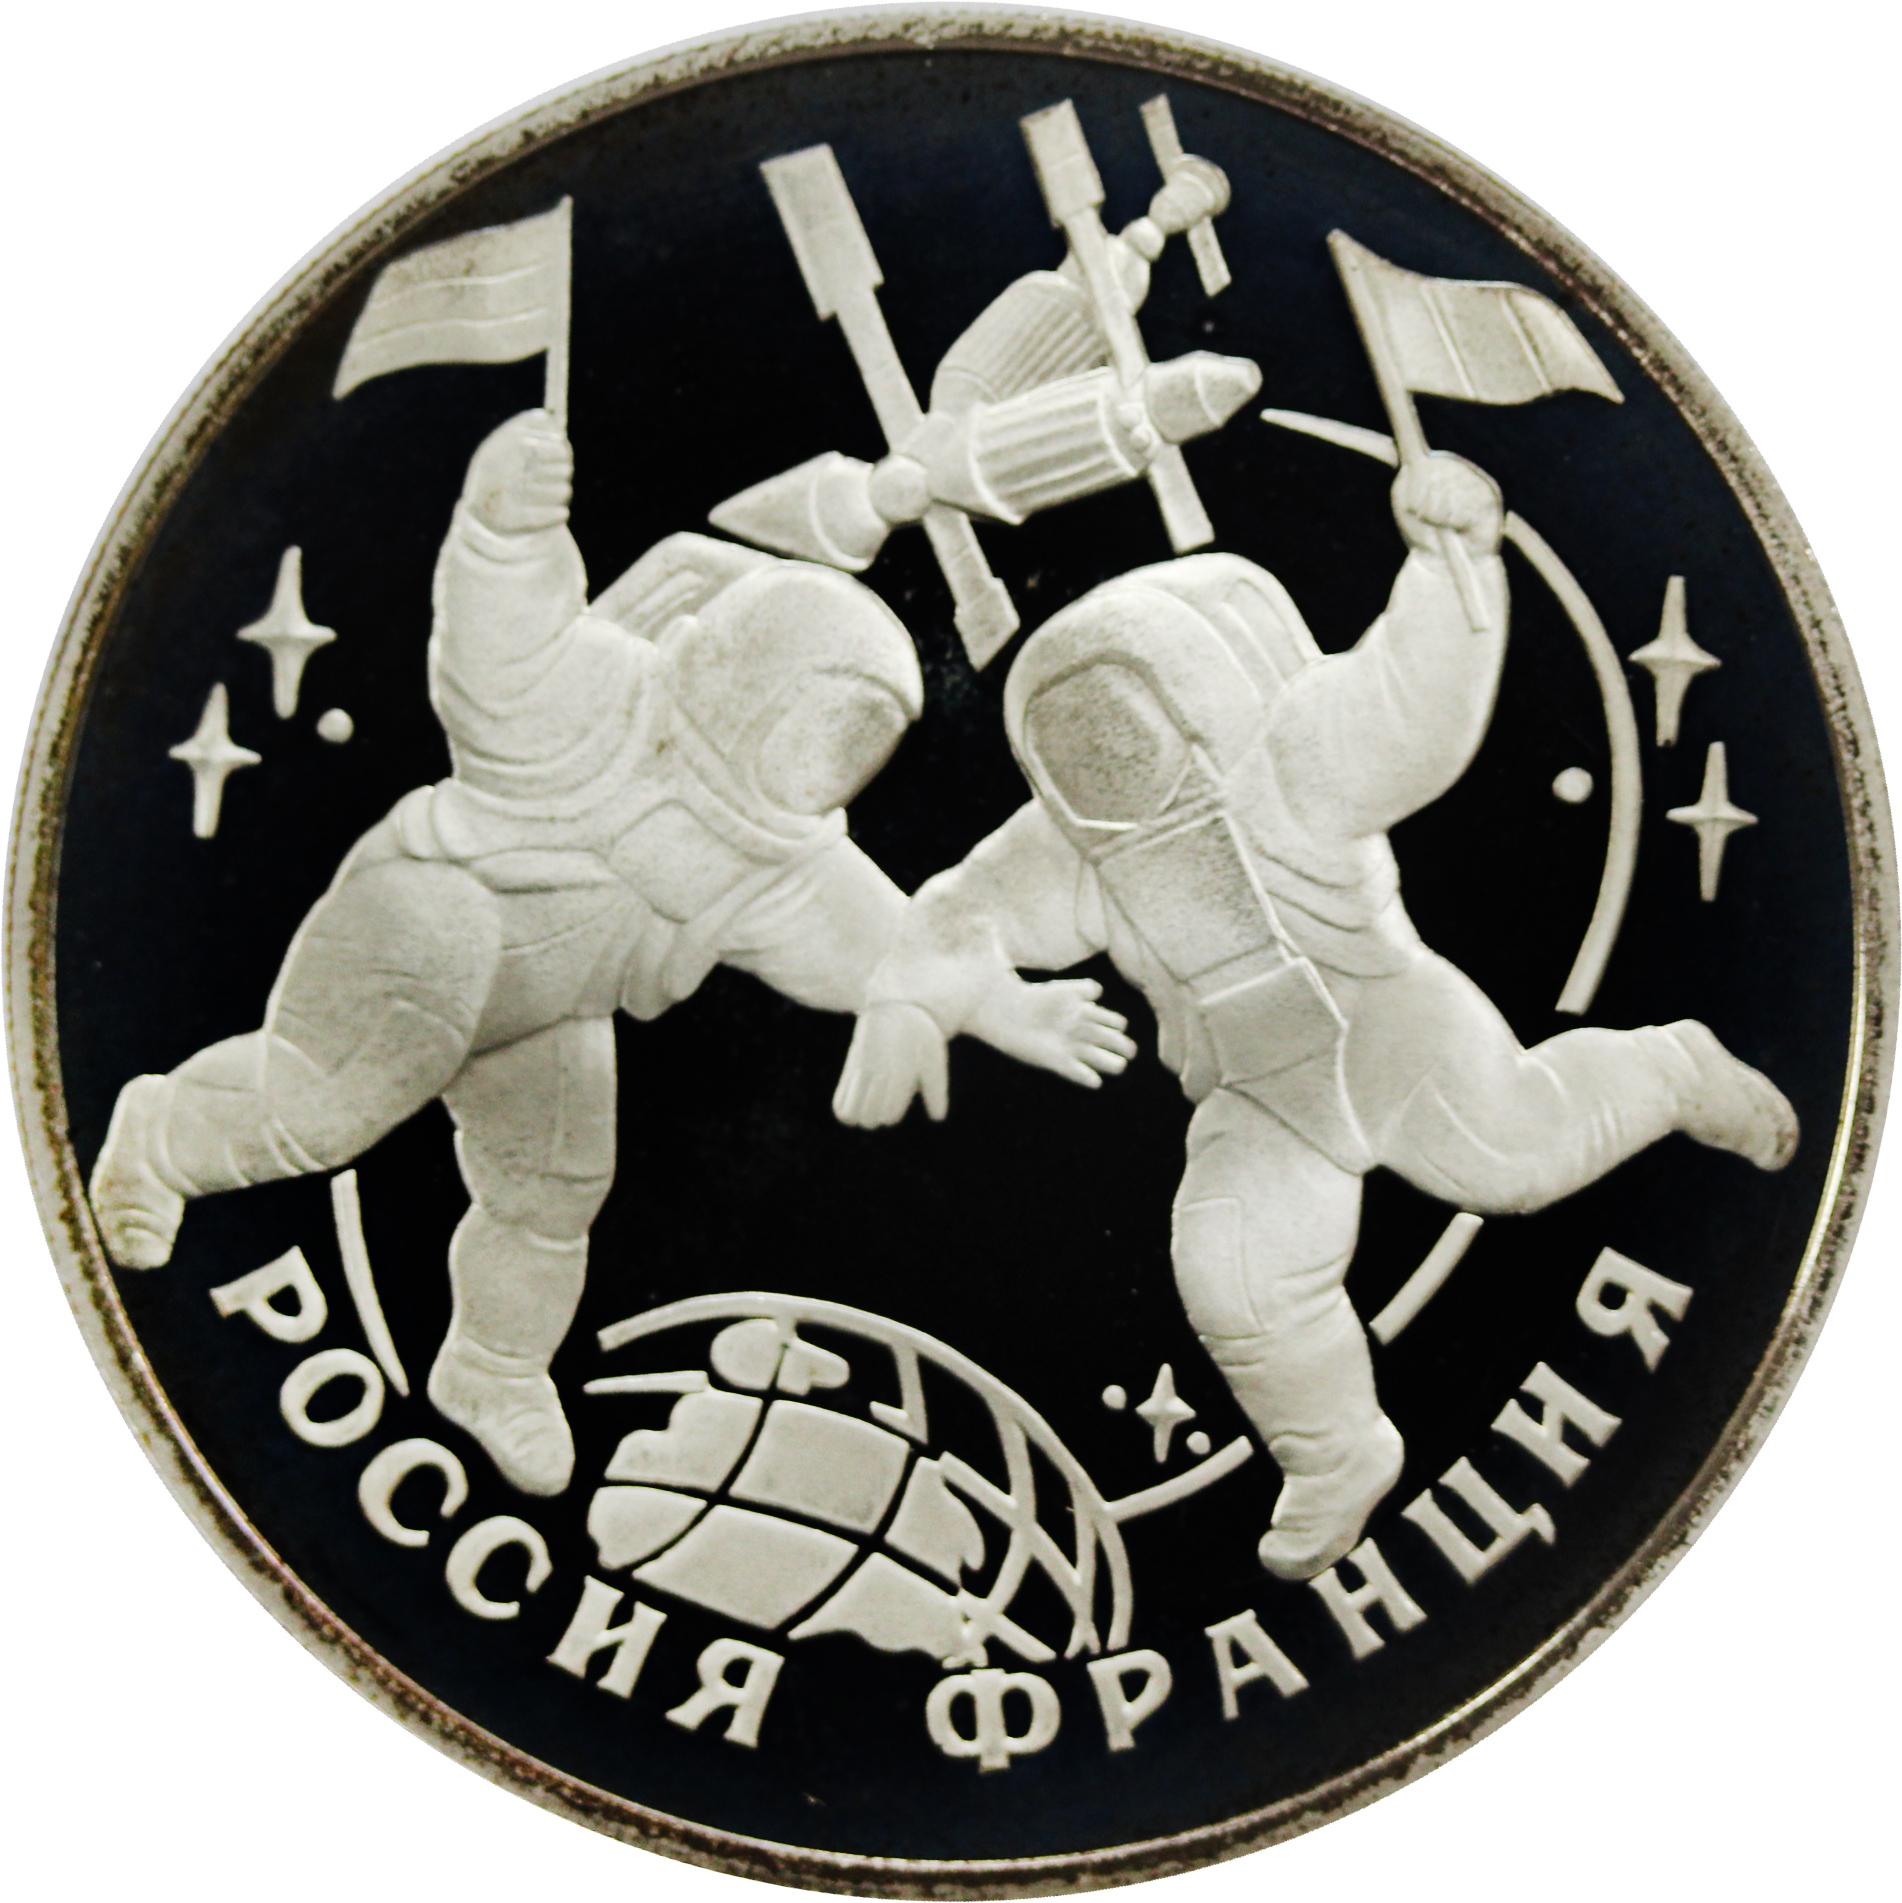 3 рубля. Космонавты. Россия-Франция. 1993 год. Proof